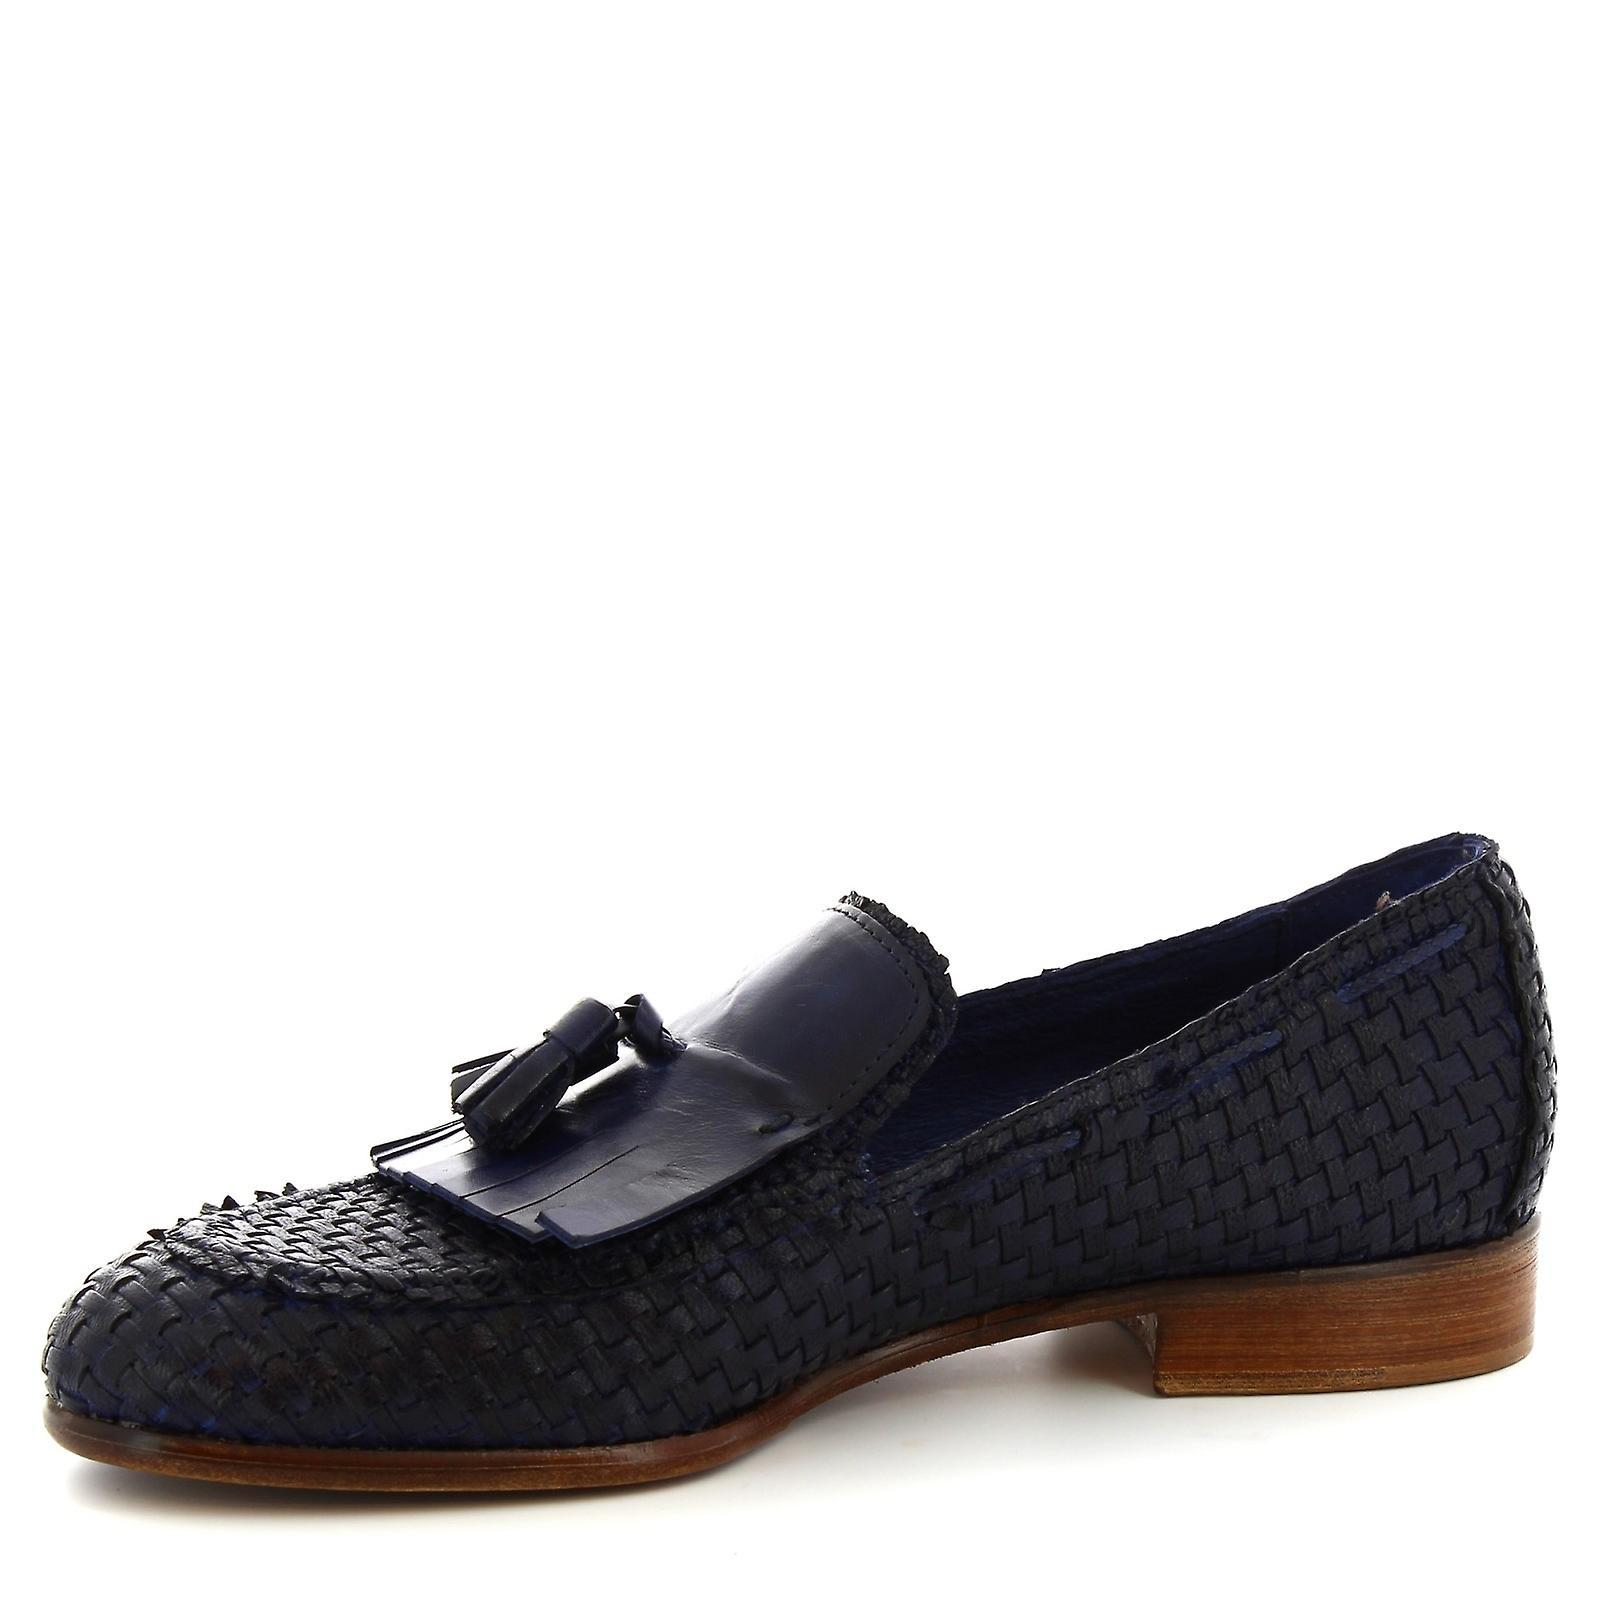 Chaussures Leonardo Chaussures Chaussures de gland selle à la main chaussures en cuir de veau tissé bleu